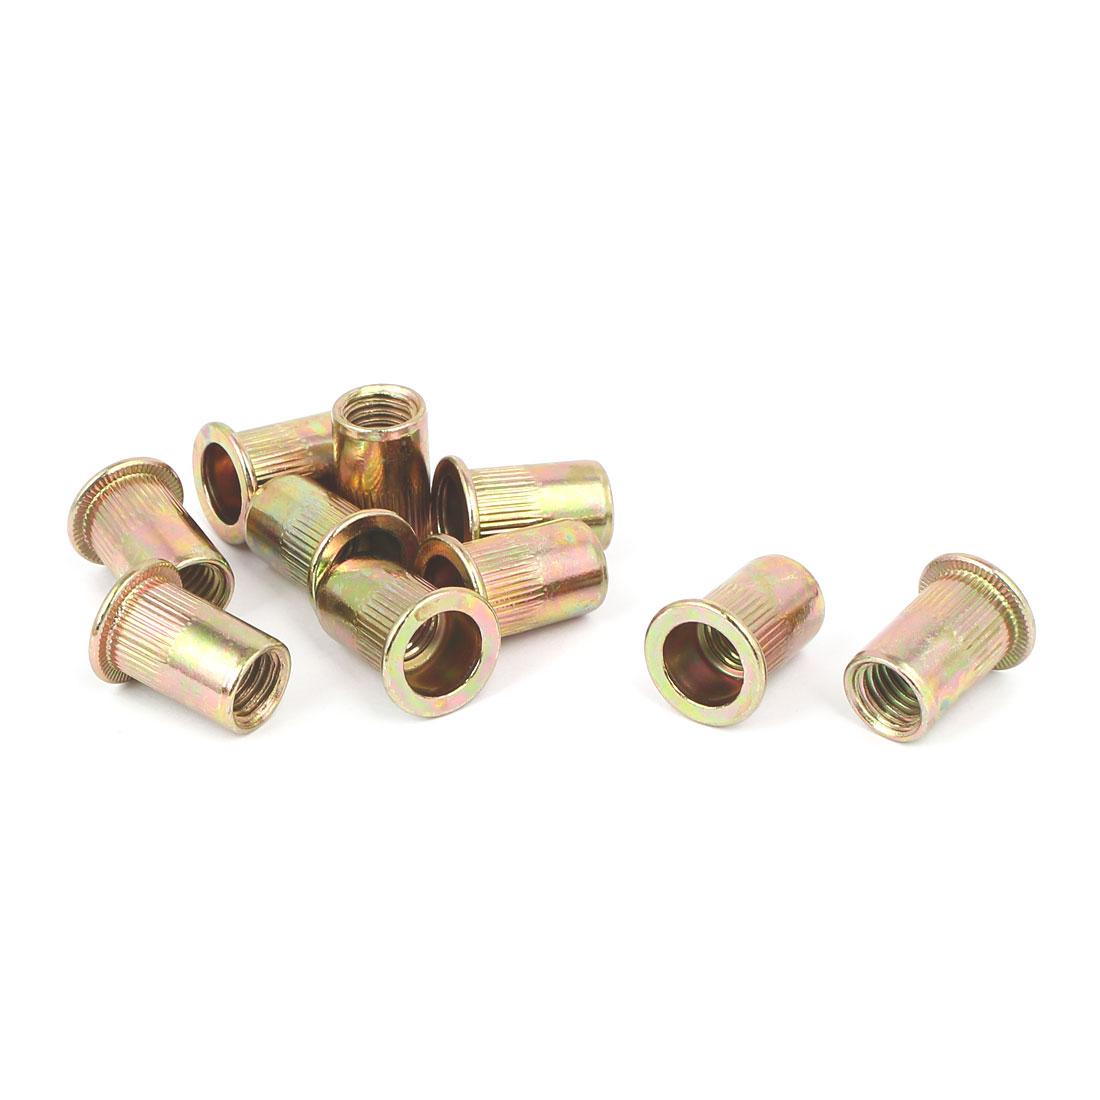 10mmx21mm Knurled Stripes Rivet Nut Insert Nutsert Bronze Tone 10pcs